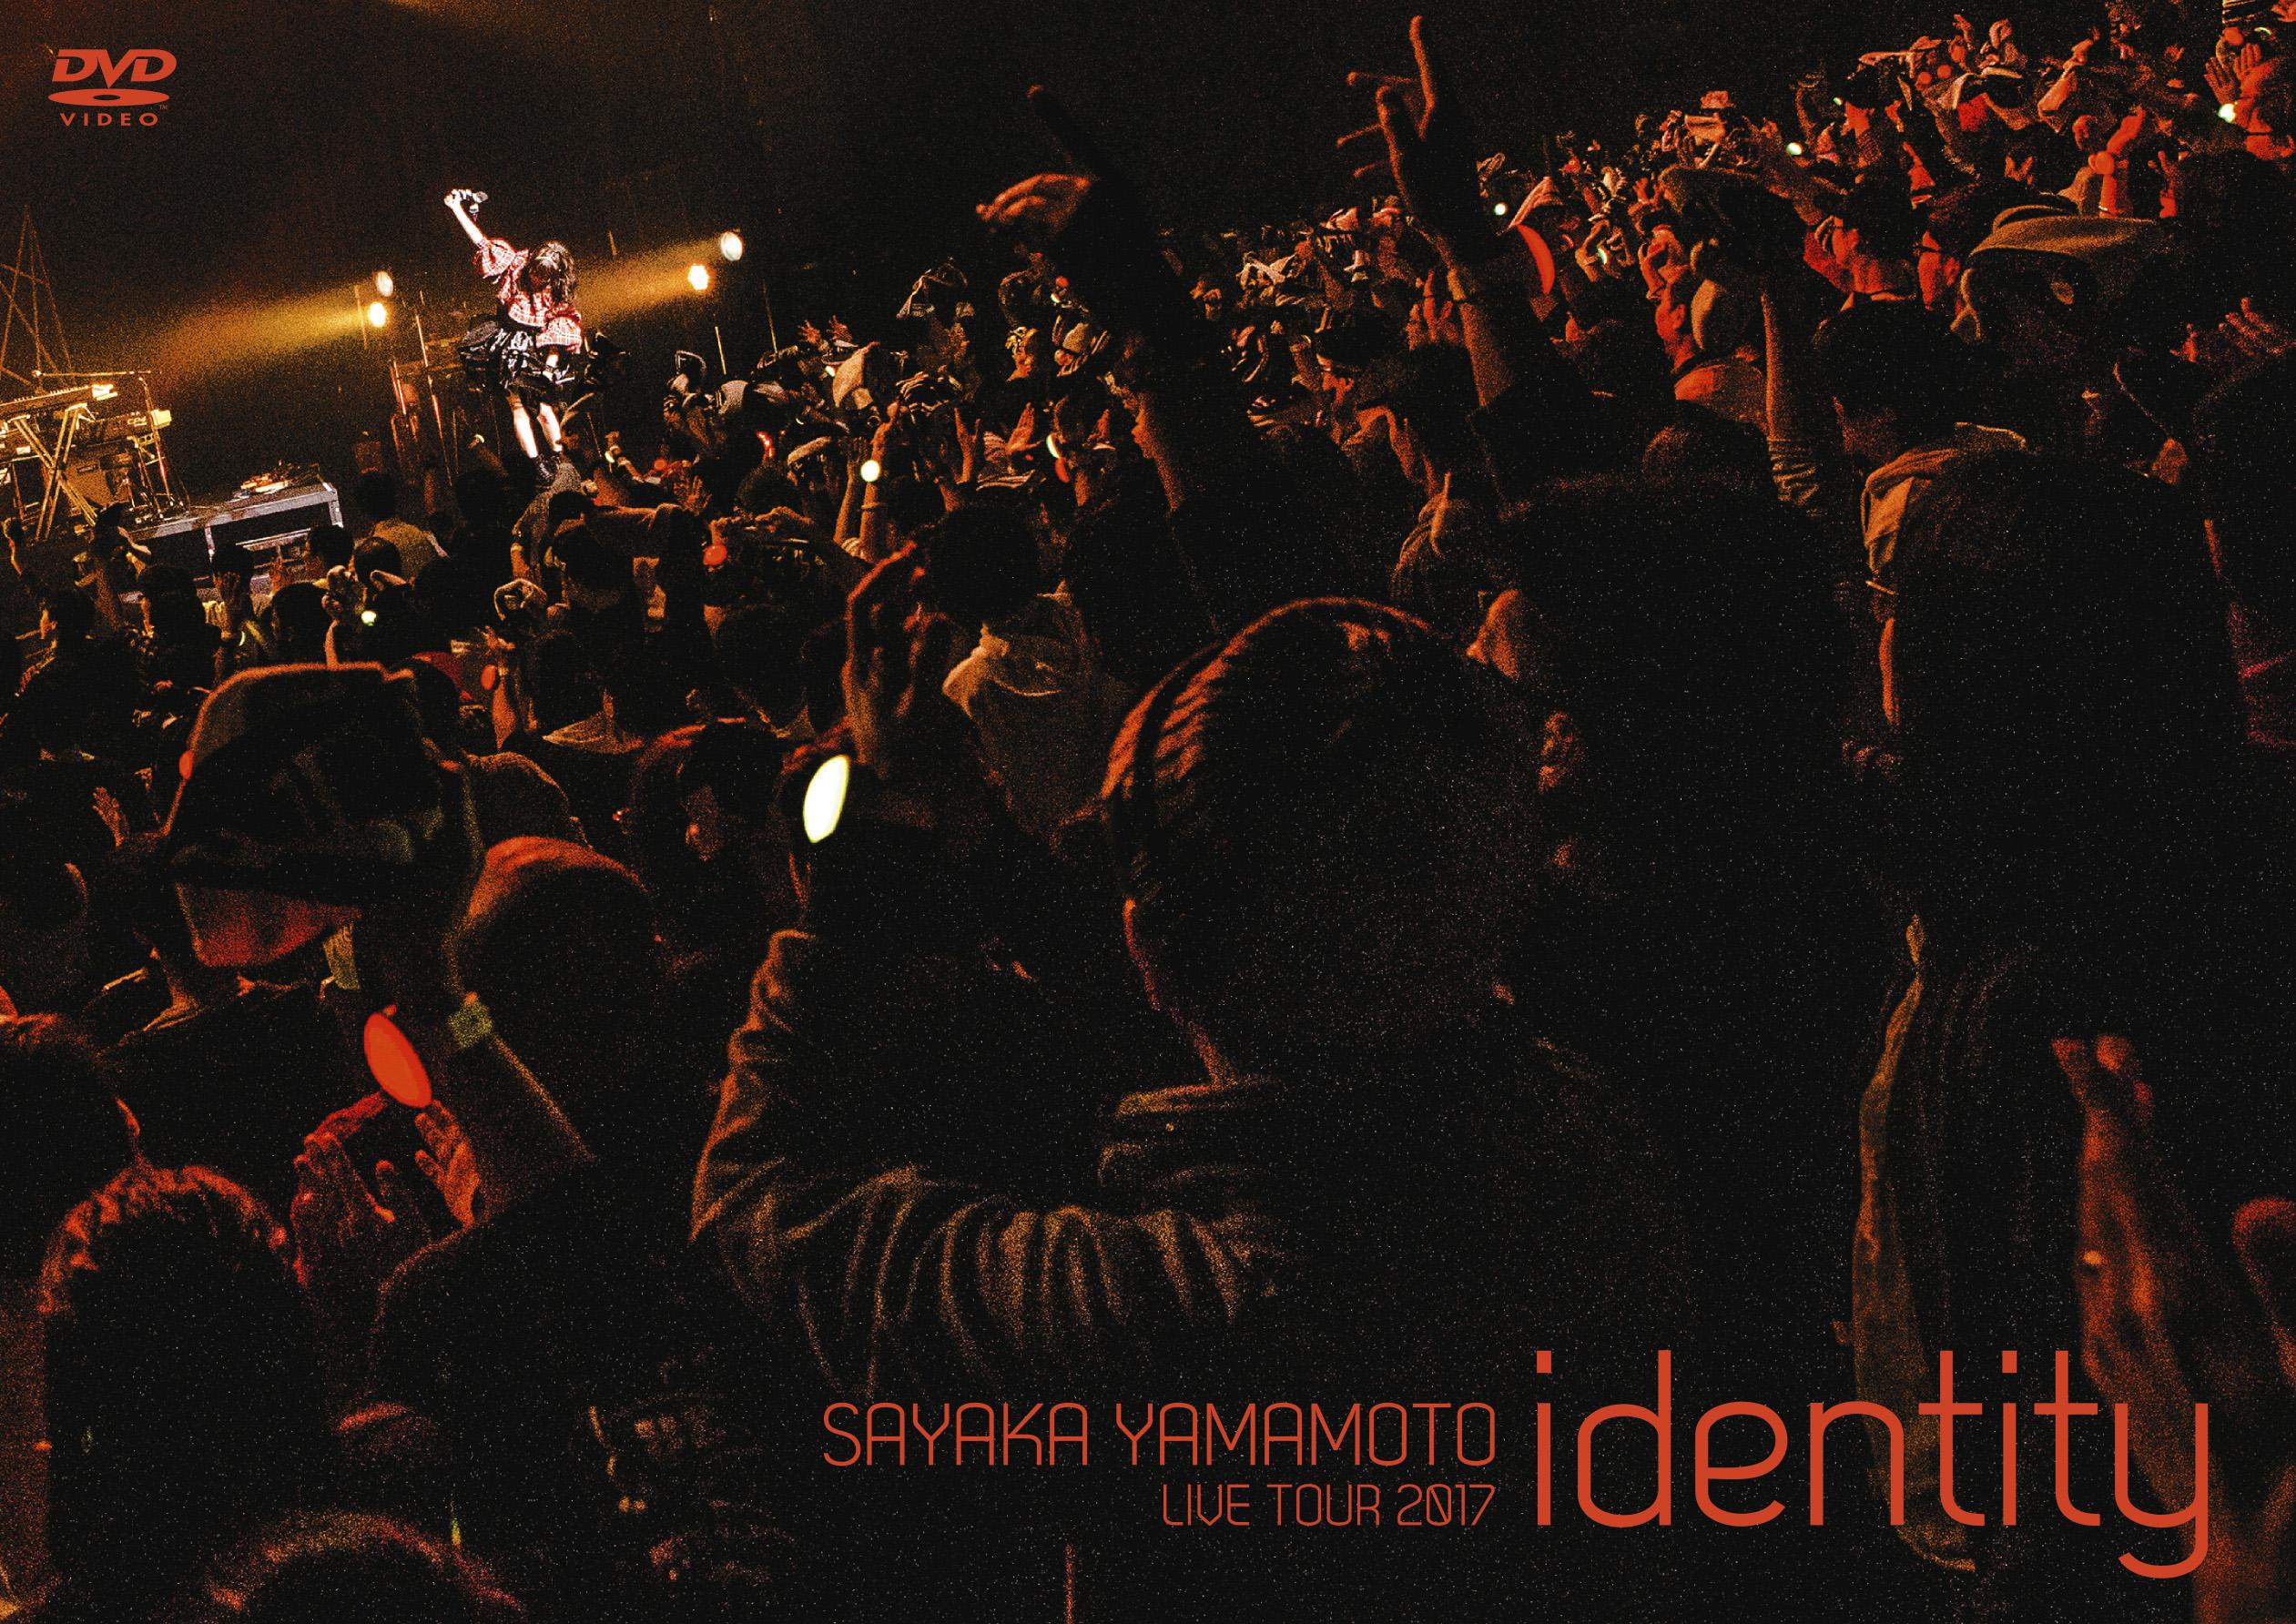 DVDアマレイ_台紙H1-4注意文入り_0116_ol